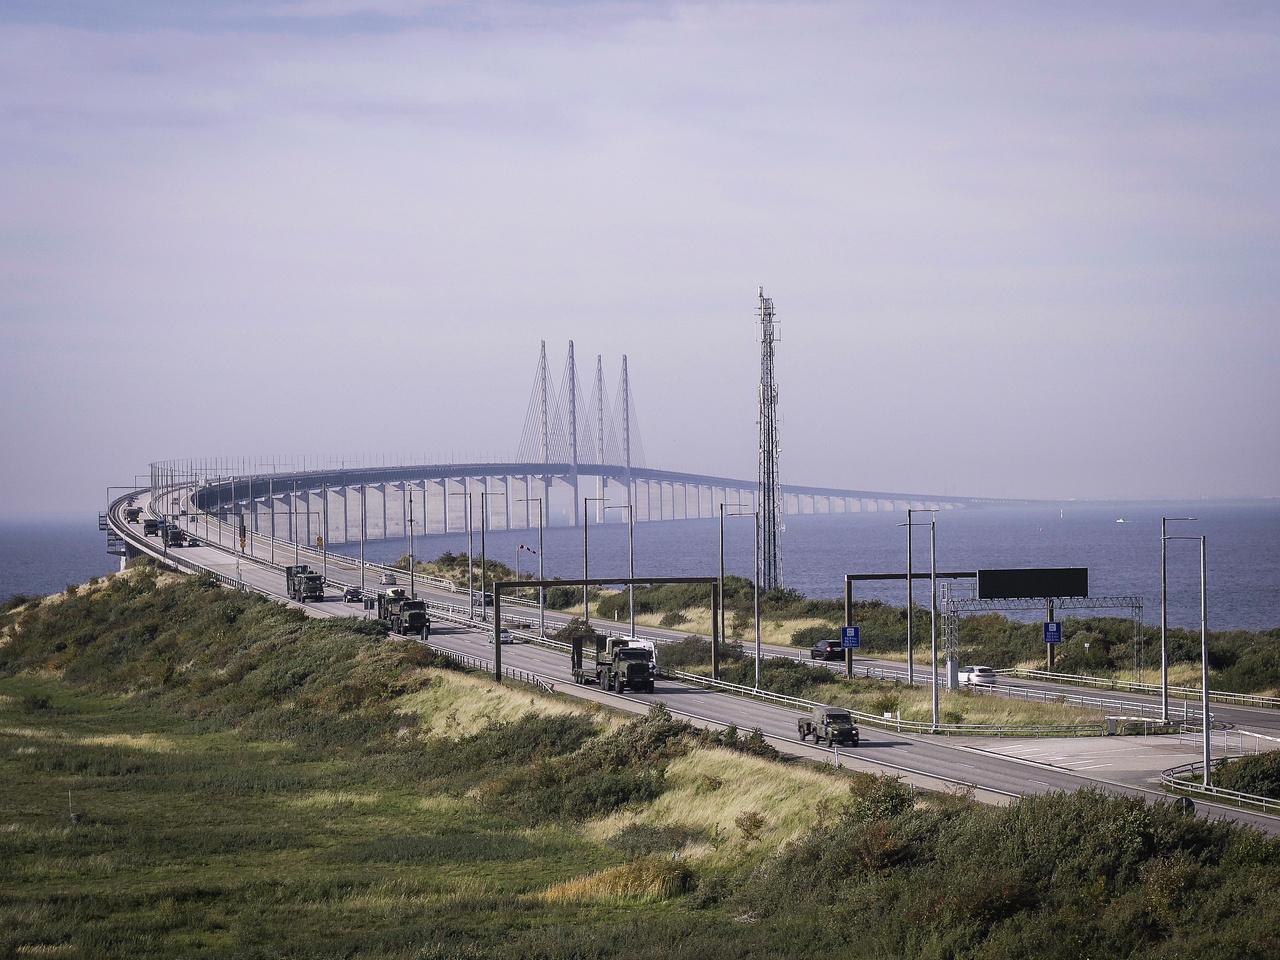 71 járműből (Foxhound Husky Land Rover terepjárók, különféle MAN teherautók, csapatszállítók) álló brit katonai konvoj tart Malmö (Svédország) felé, miután áthaladtak a Dániát és Svédországot összekötő Øresund-hídon. A kétezer kilométeres úton lévő konvoj Hoek van Holland városából indult és Norvégiába tart.